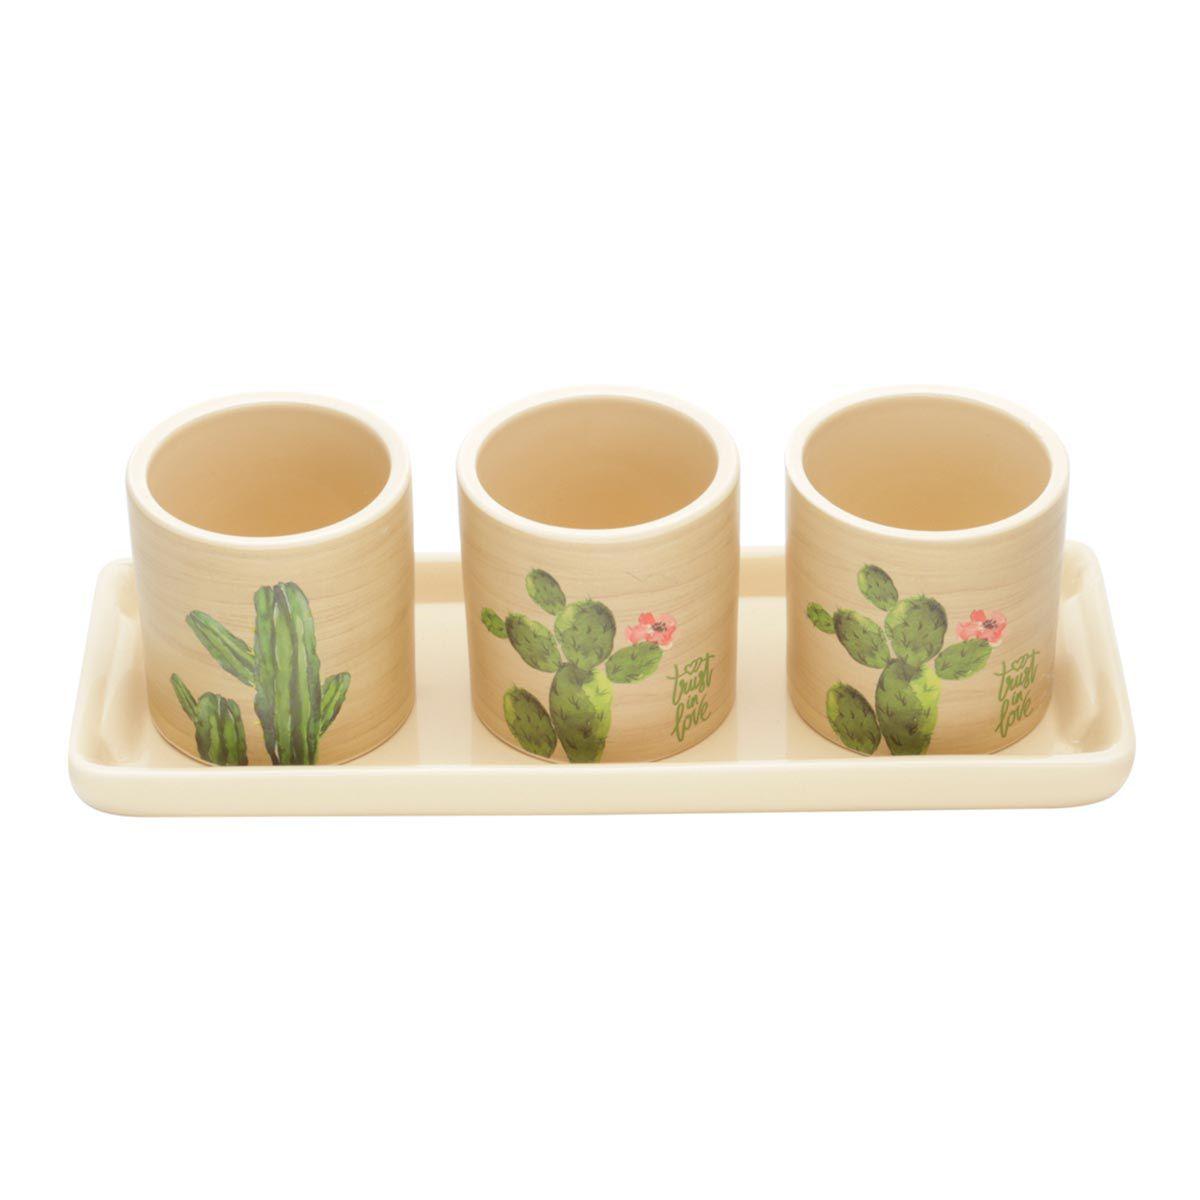 Conjunto 3 Cachepots Vasos de Cerâmica com Bandeja Cactus Bege